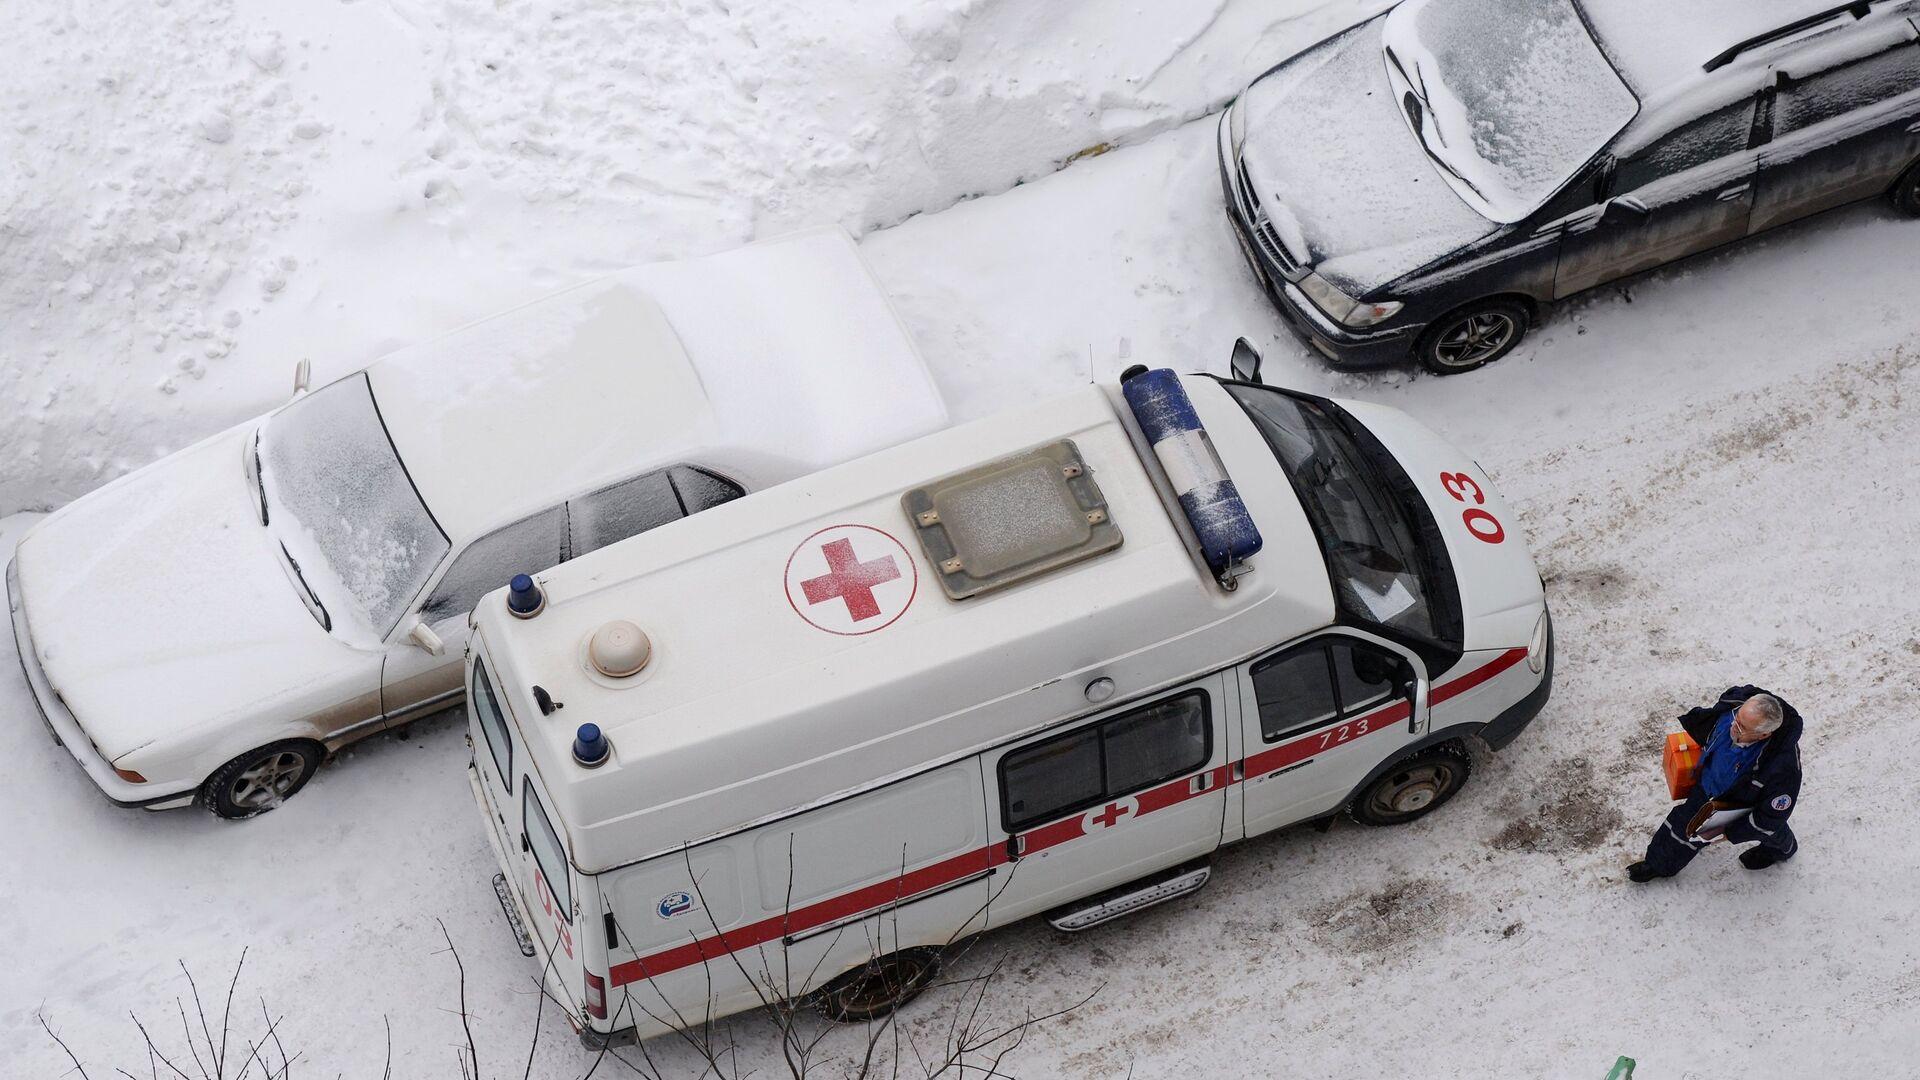 Машина скорой медицинской помощи - РИА Новости, 1920, 17.02.2021